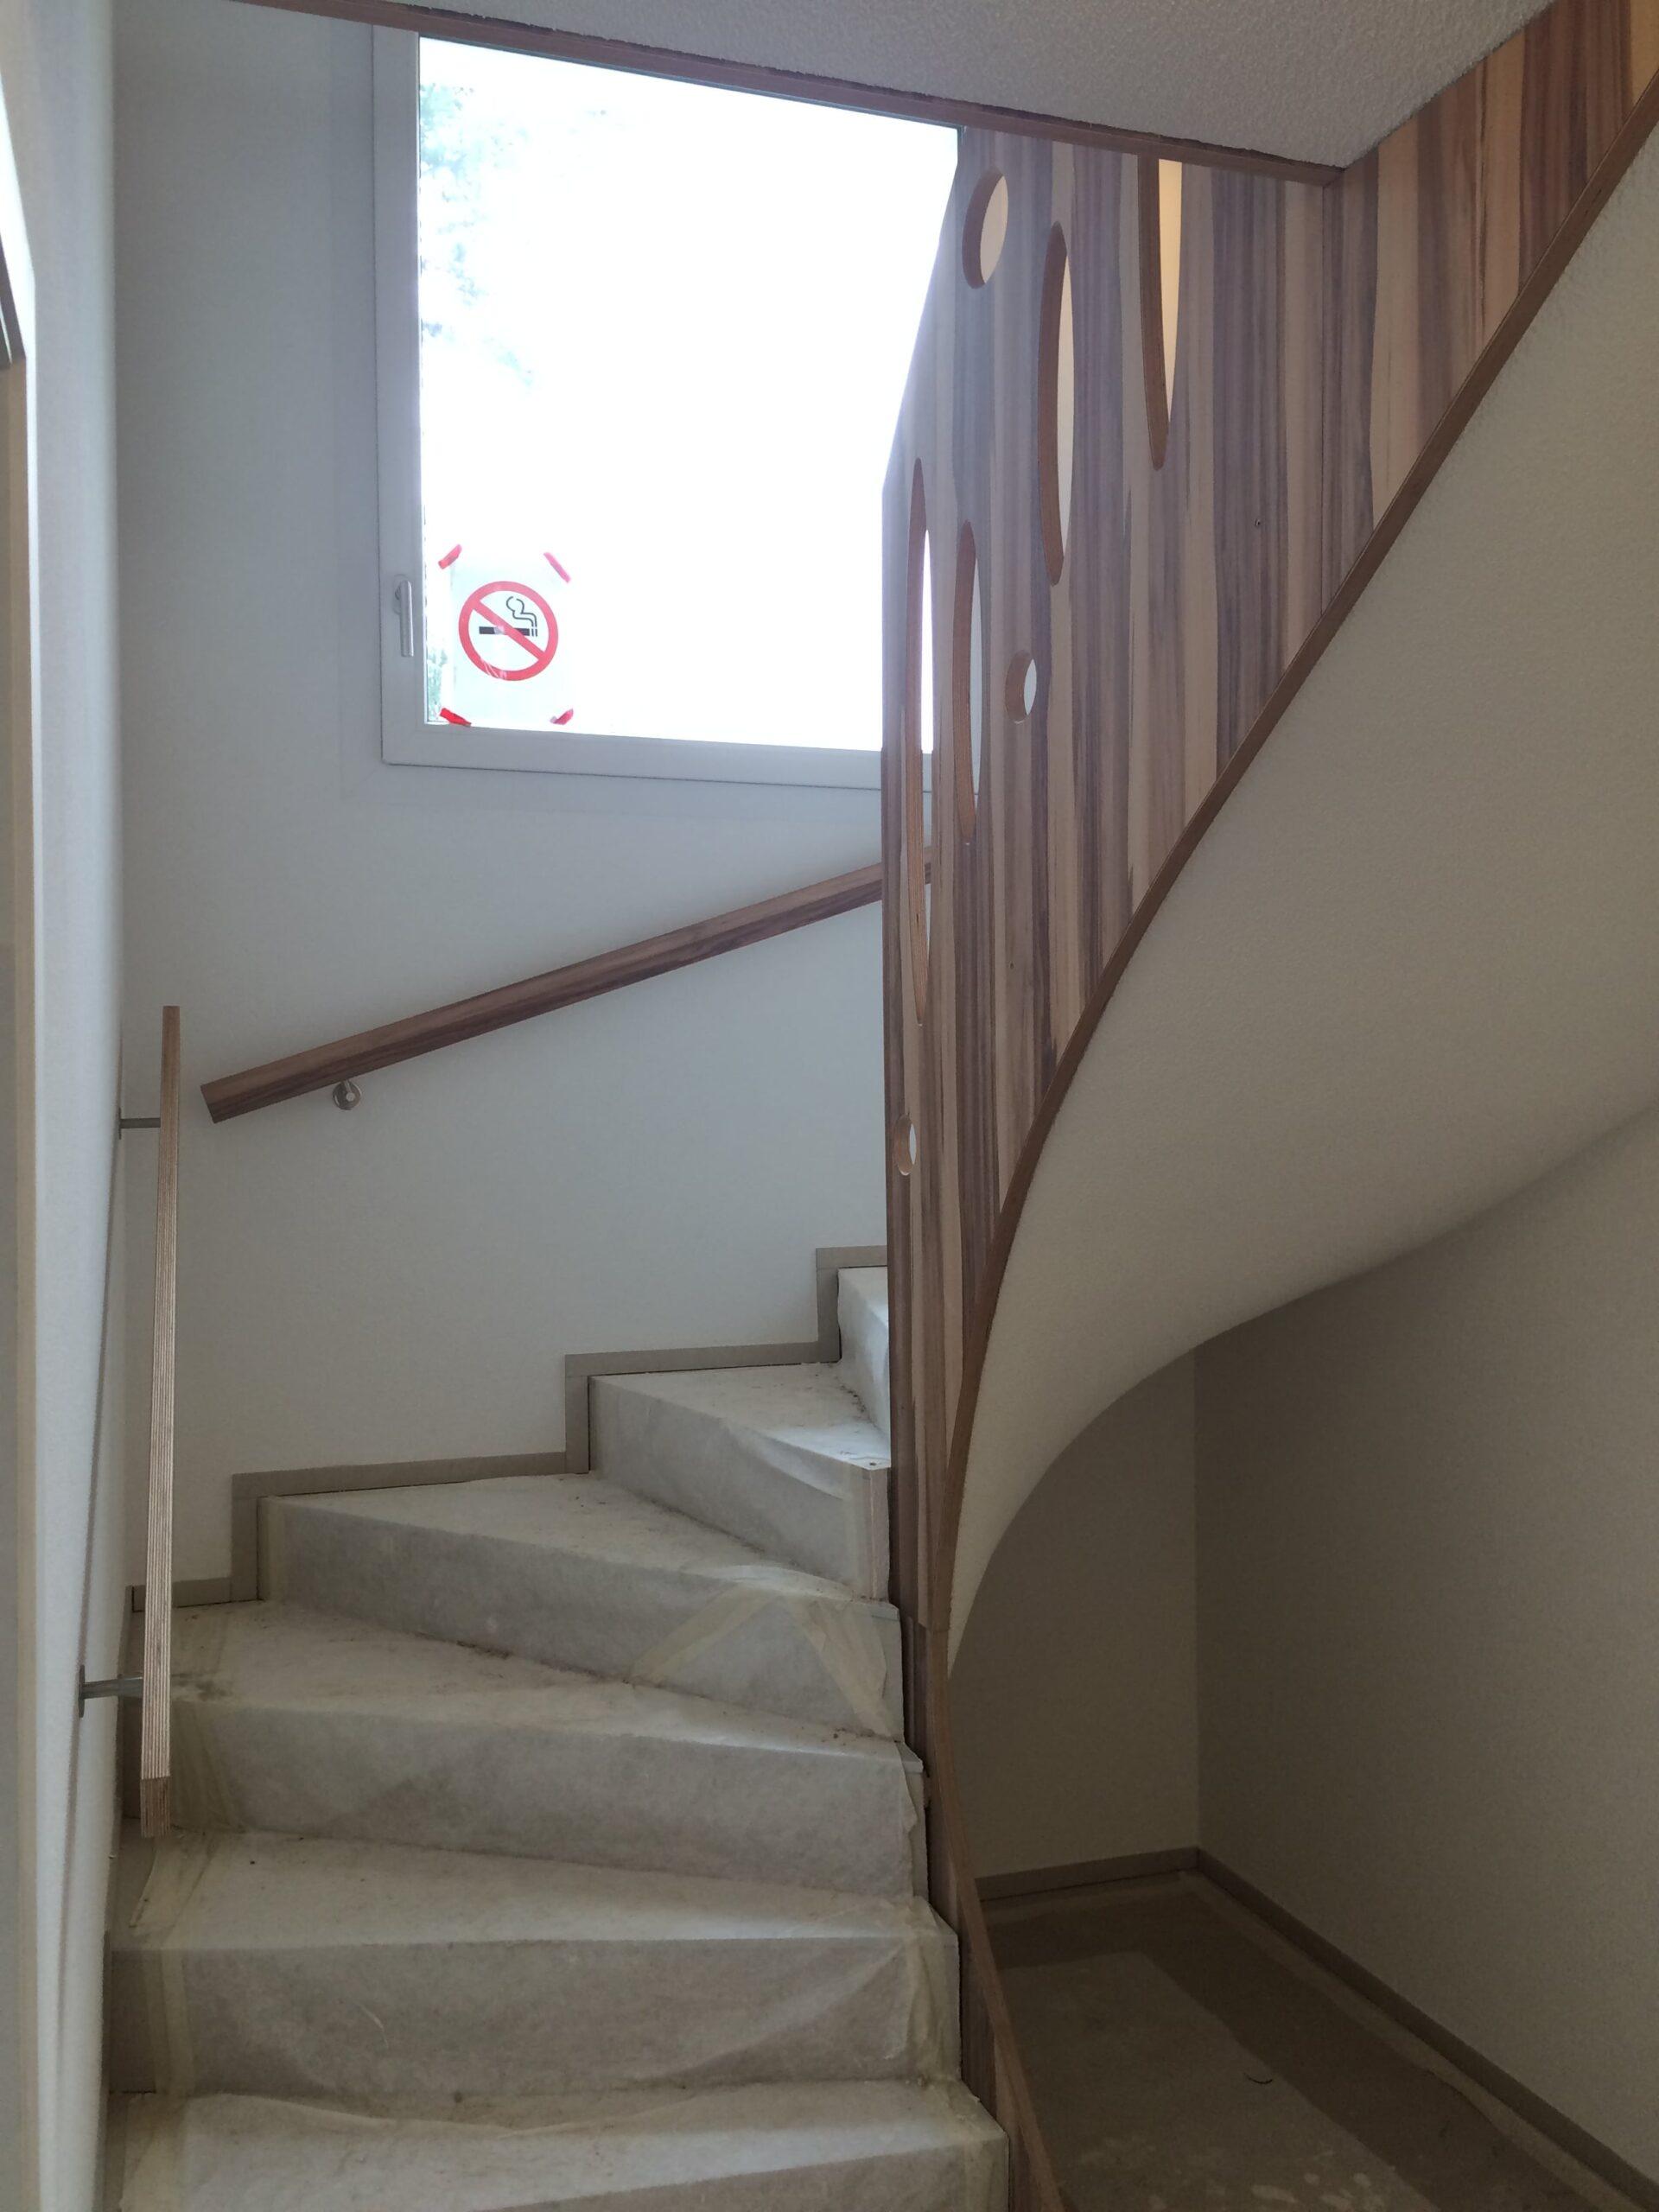 Wooddesign_Treppen_Teppengeländer__Treppenverkleidung_ovale runde Löcher (8)-min